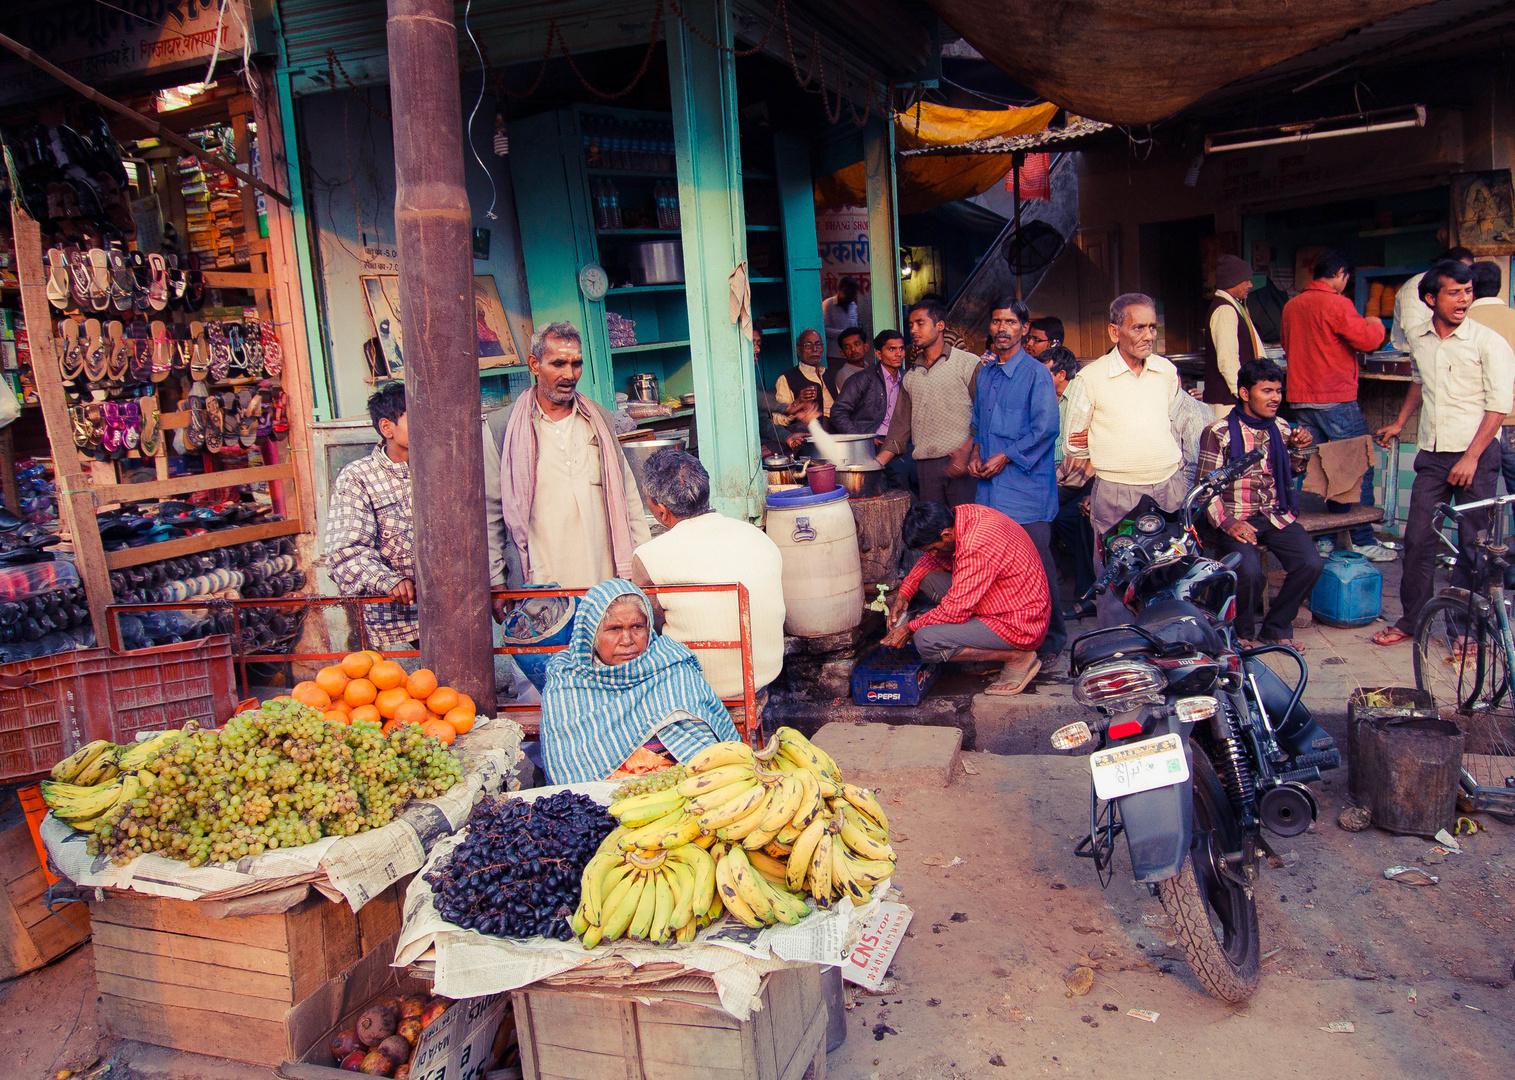 Benares street life